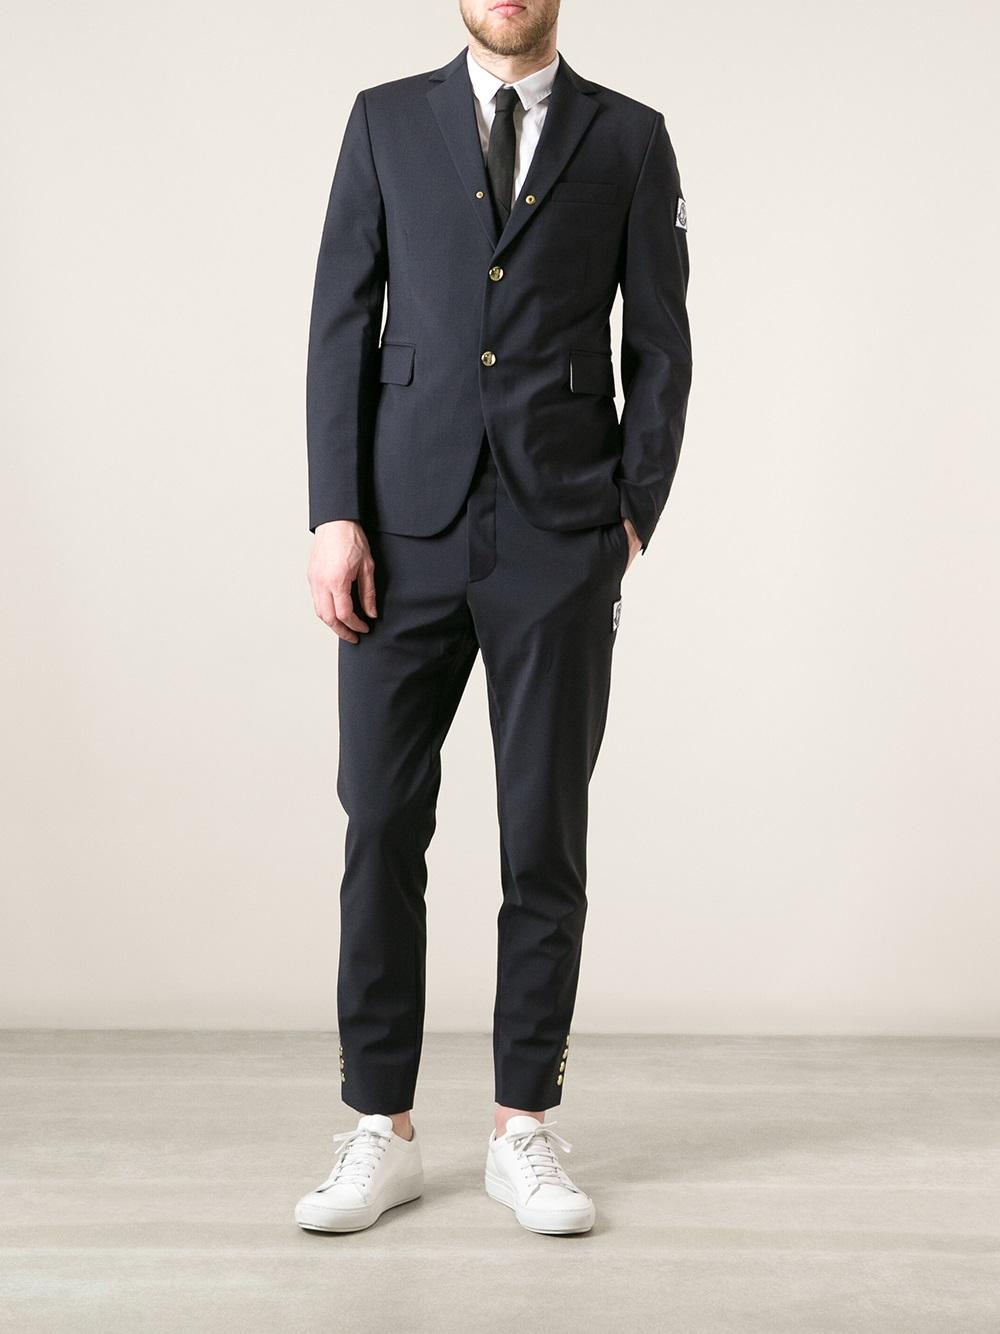 14a70d819b4b Lyst - Moncler Gamme Bleu Suit Jacket in Blue for Men